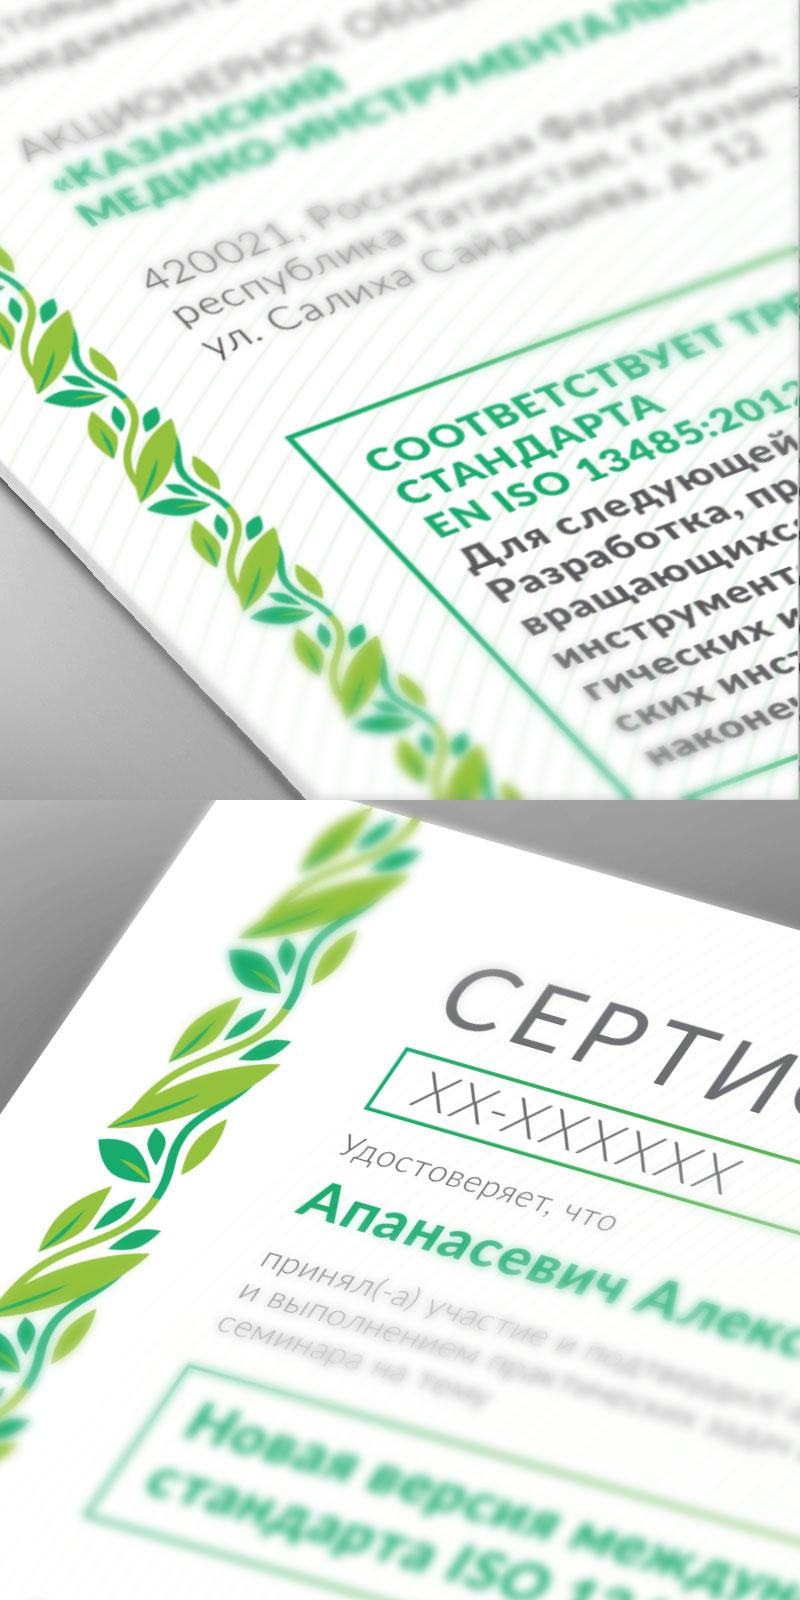 Необходимо разработать дизайн 3 сертификатов фото f_5865886207506313.jpg